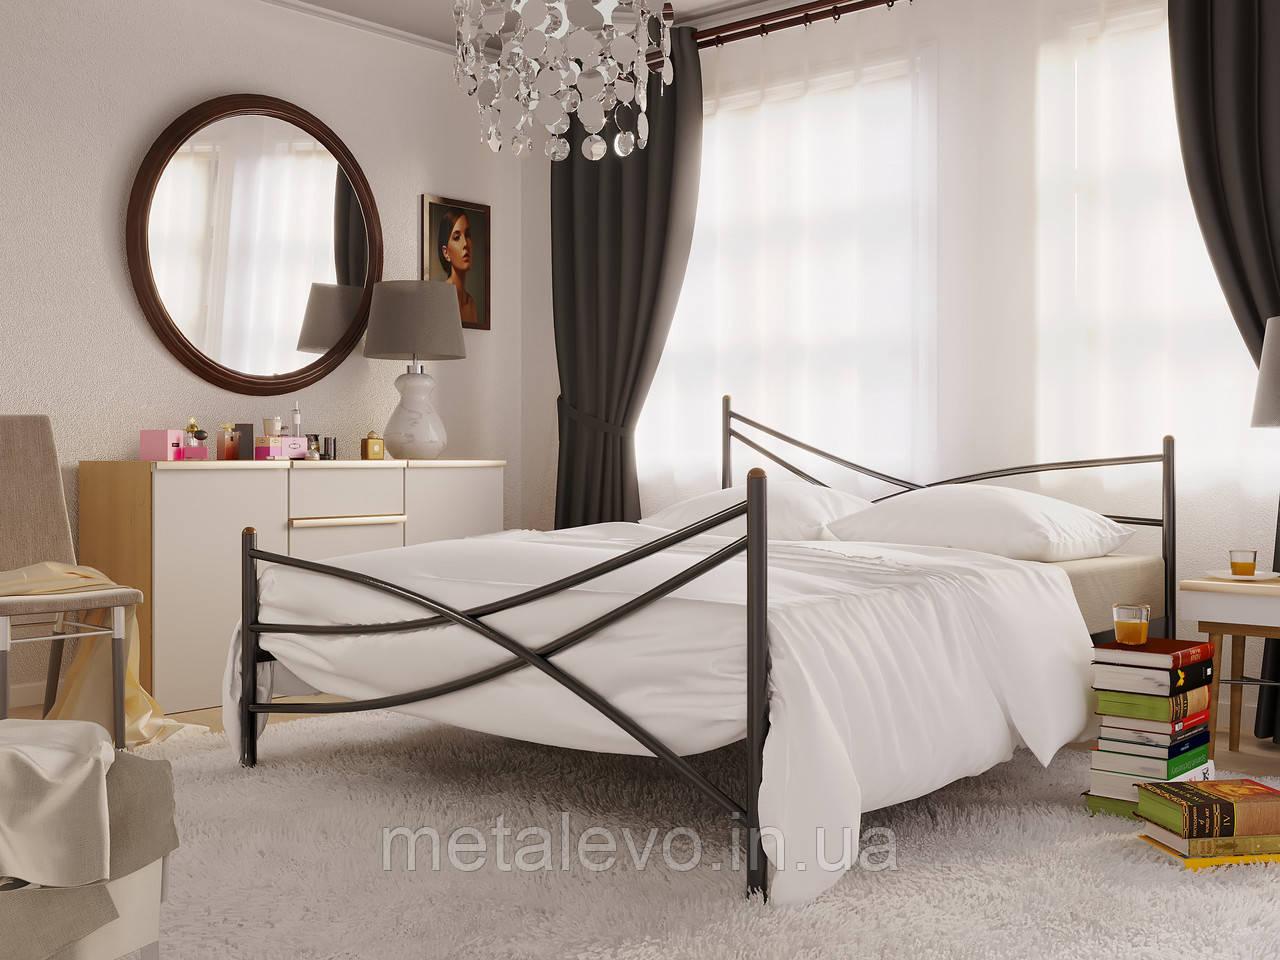 Металлическая кровать с изножьем ЛИАНА -2 ТМ Метакам